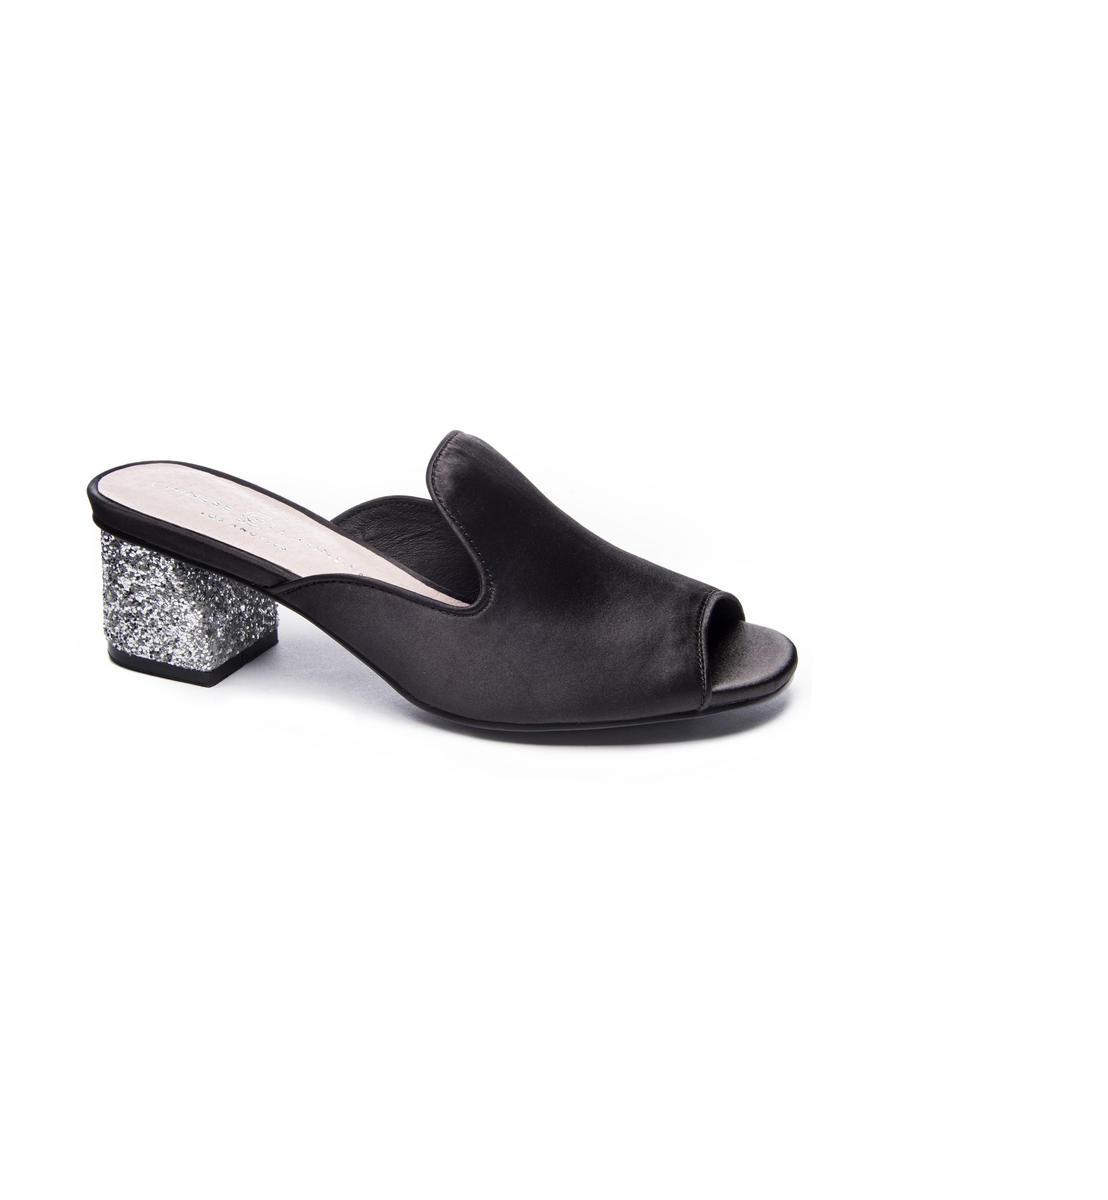 Pee-Toe Slide Glitter Heel